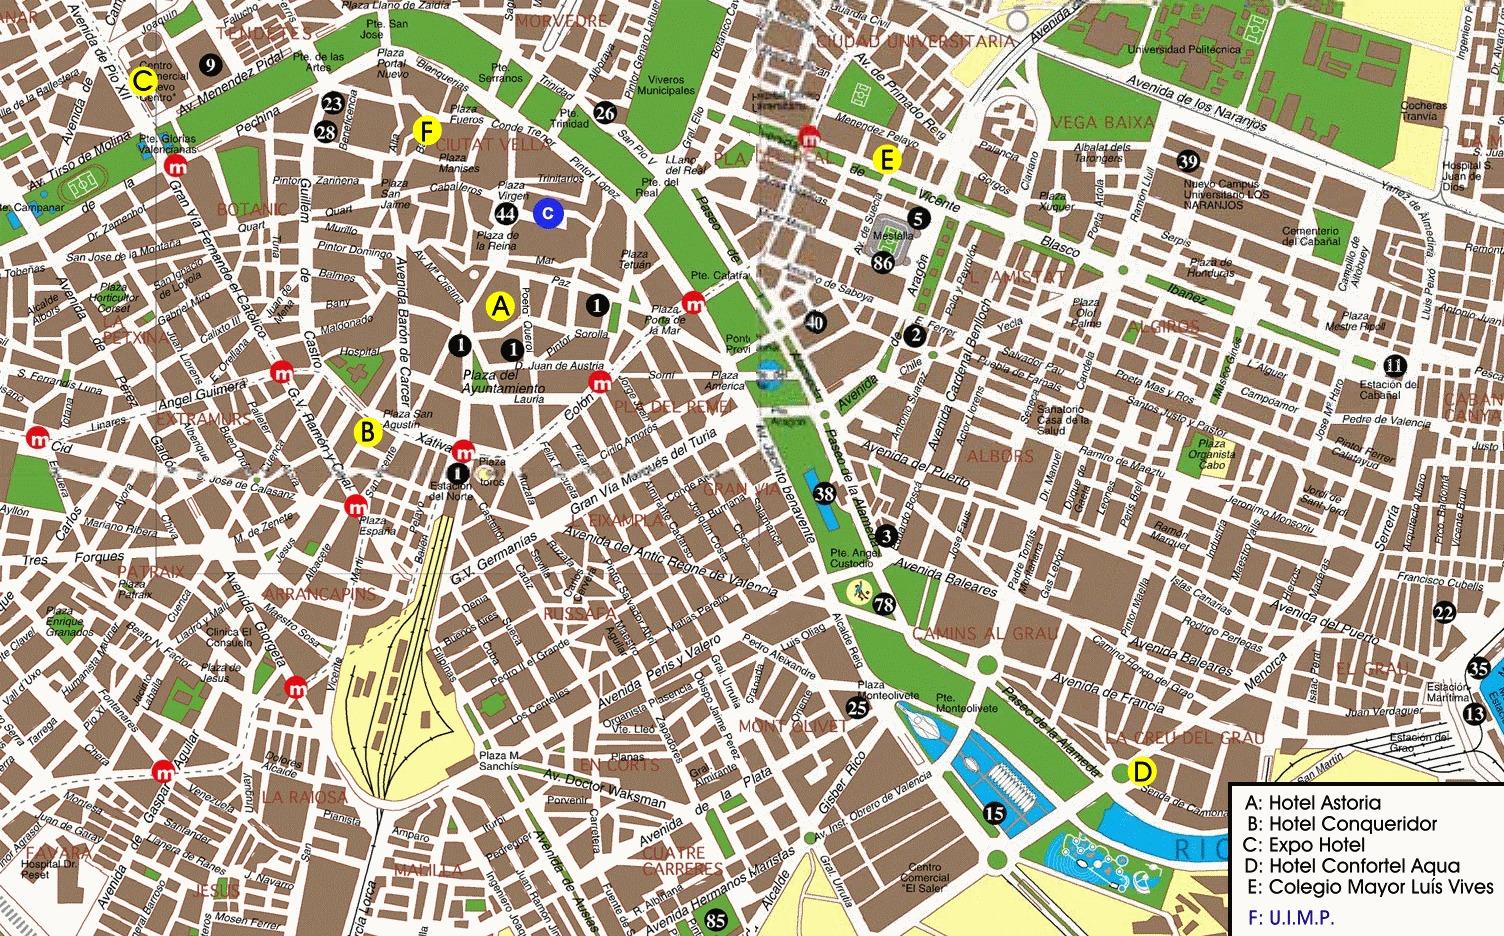 Si eres de l'Horta, ¿dónde vives?